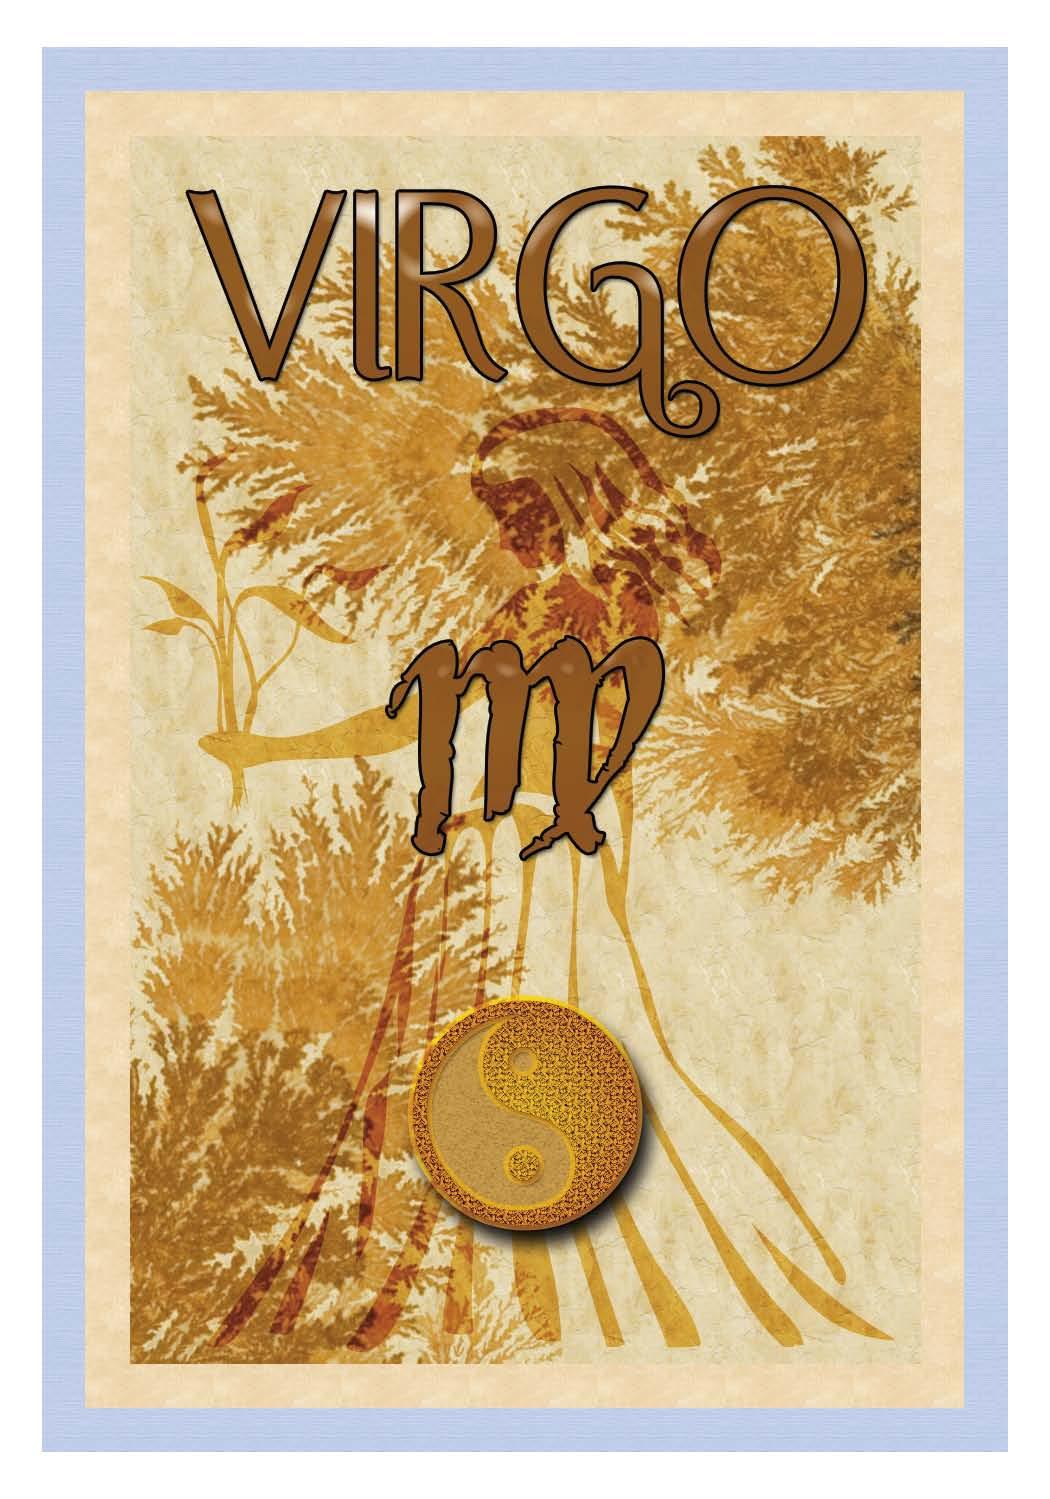 Magick: Astrology on Pinterest | Astrology, Zodiac and Virgos